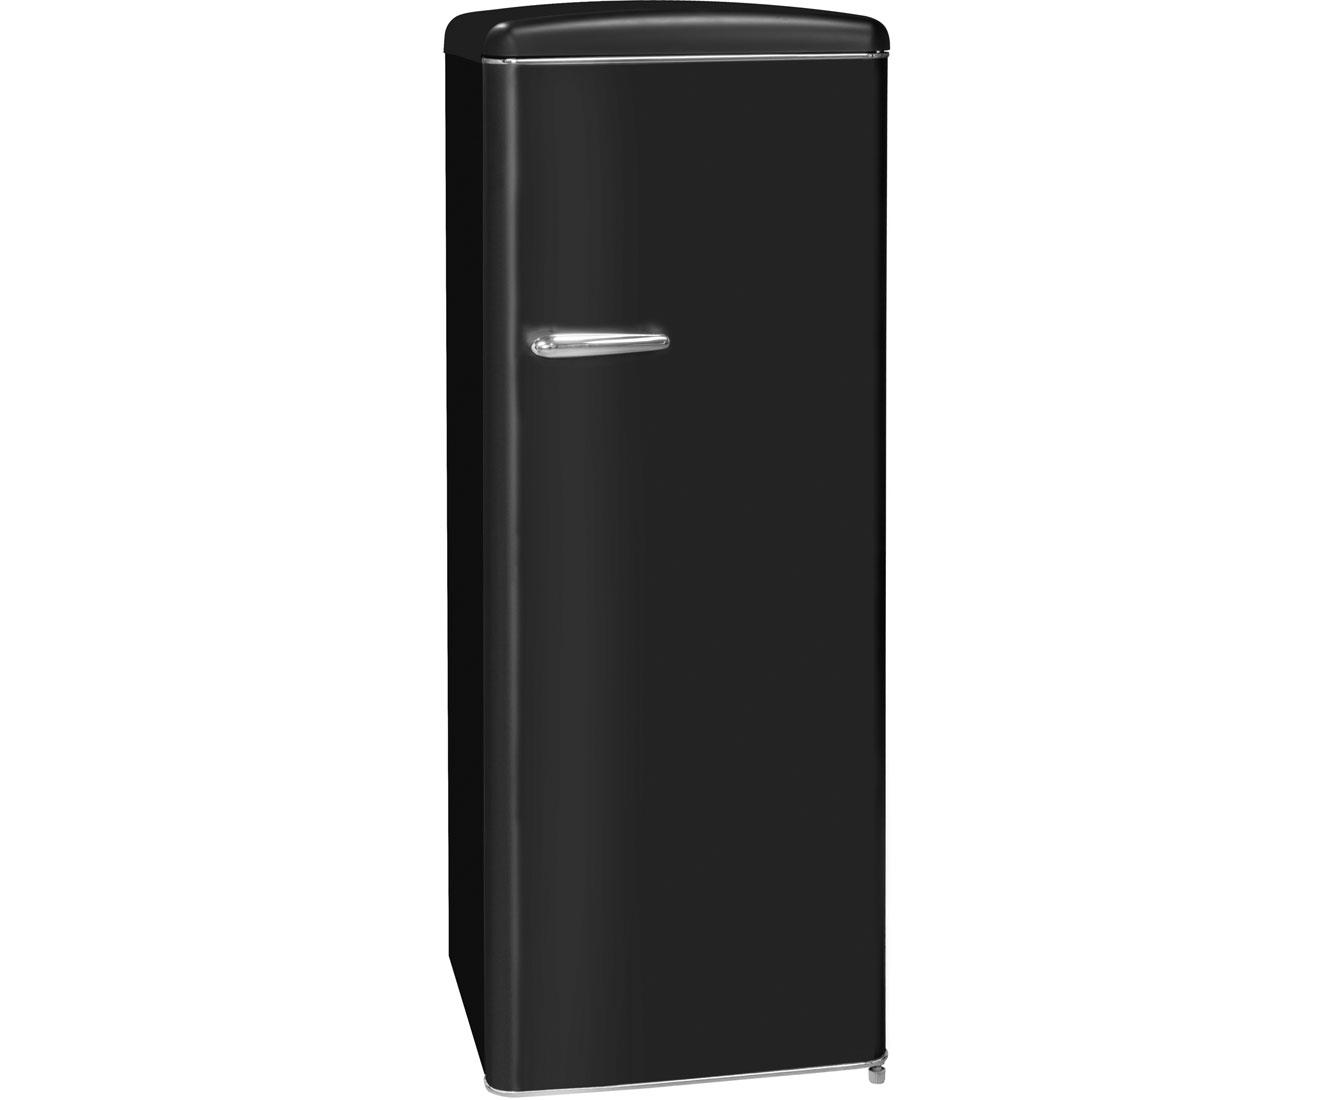 Retro Kühlschrank Amica Creme : Kühlschrank retro preisvergleich u2022 die besten angebote online kaufen